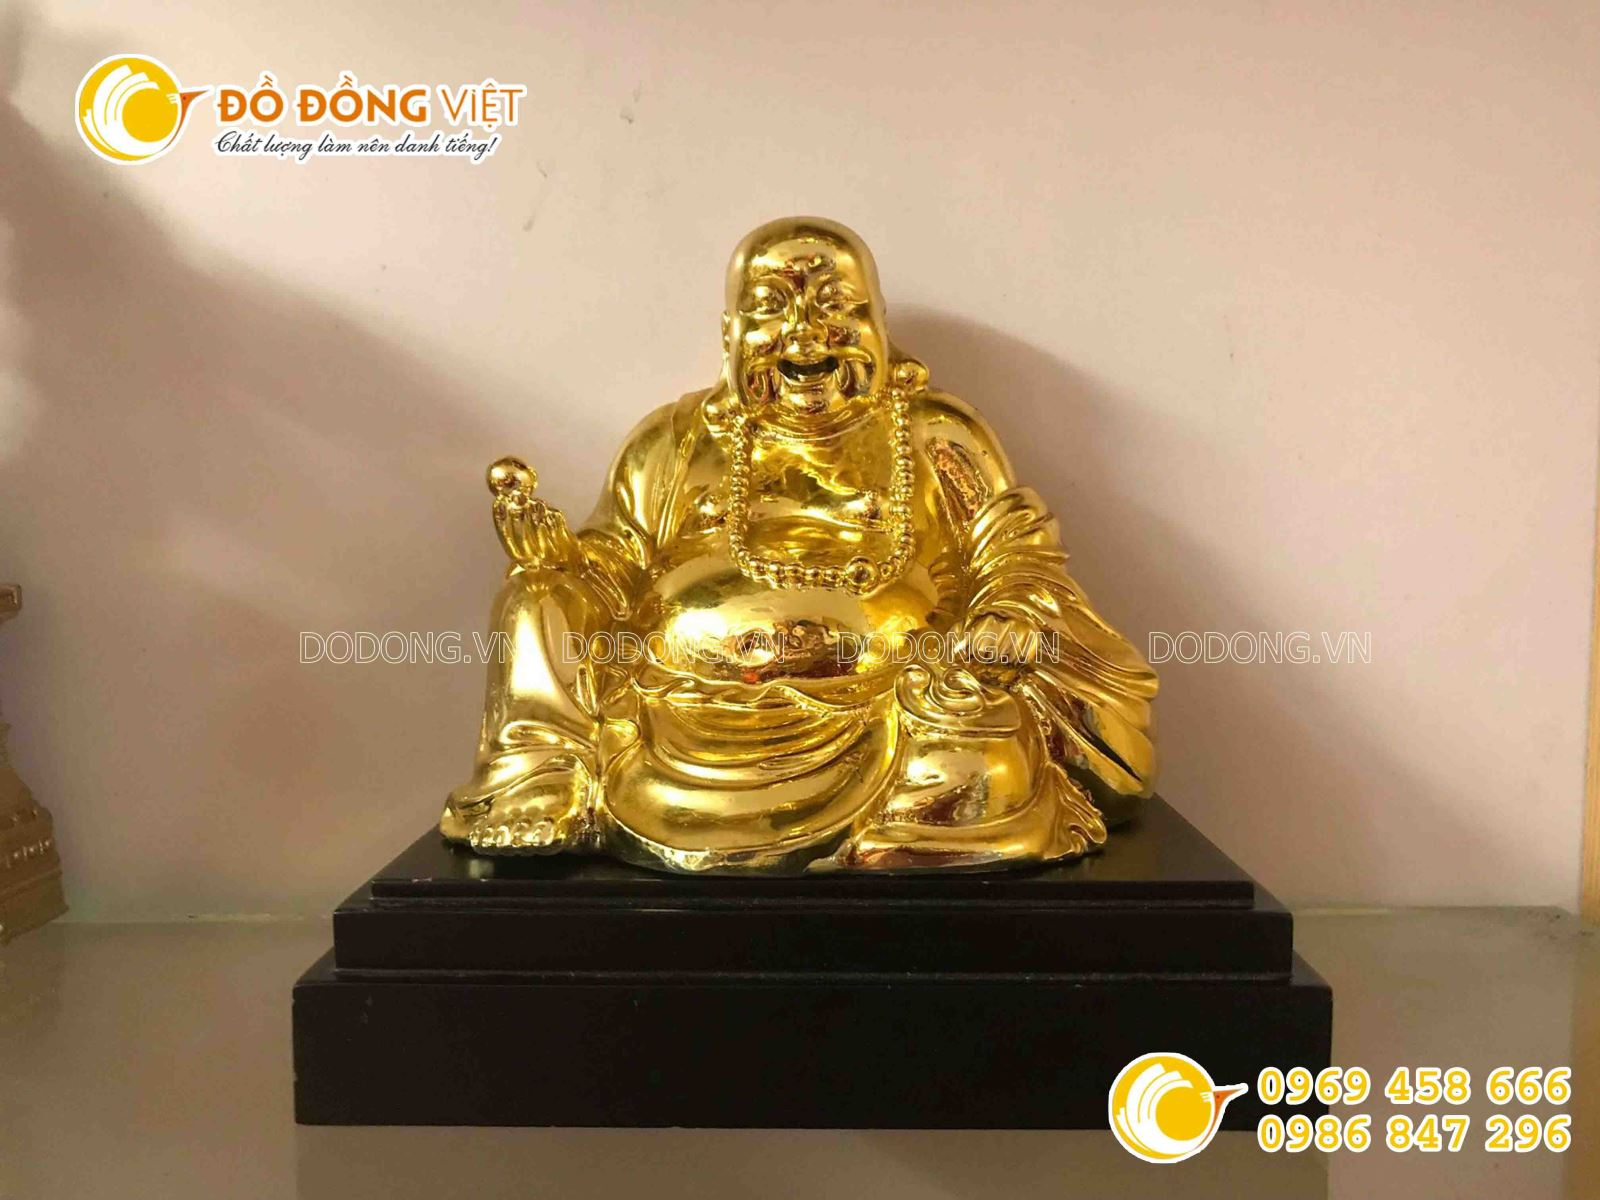 Quà tặng tâm linh, tượng Phật di lặc mạ vàng 24k0